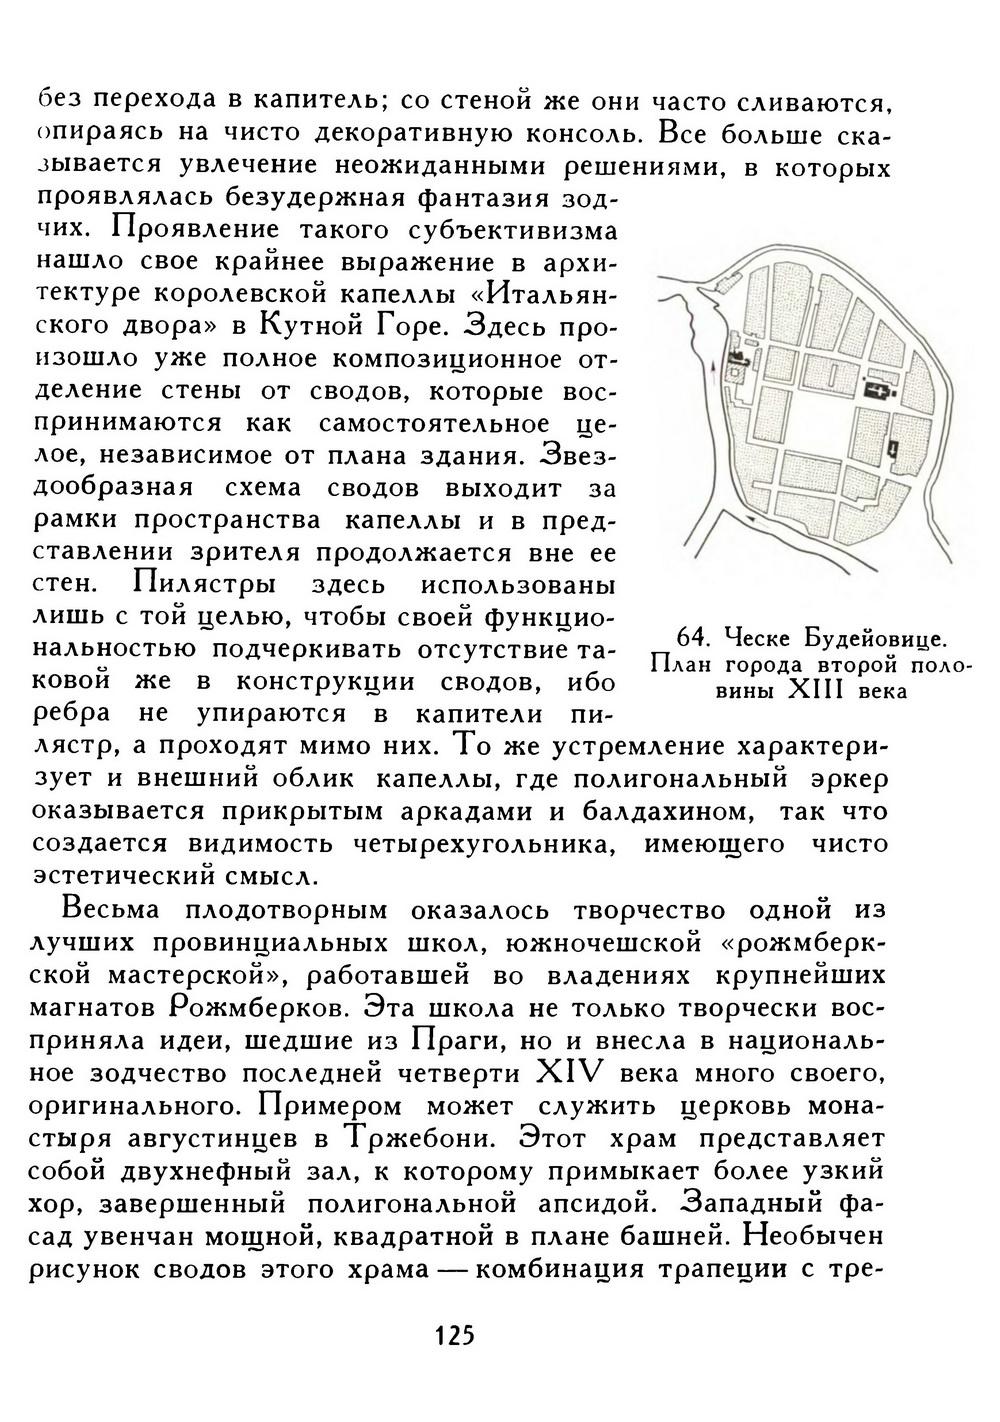 http://i5.imageban.ru/out/2017/02/09/d2cf94b6b7ff4b7638d614f7a2a7af32.jpg